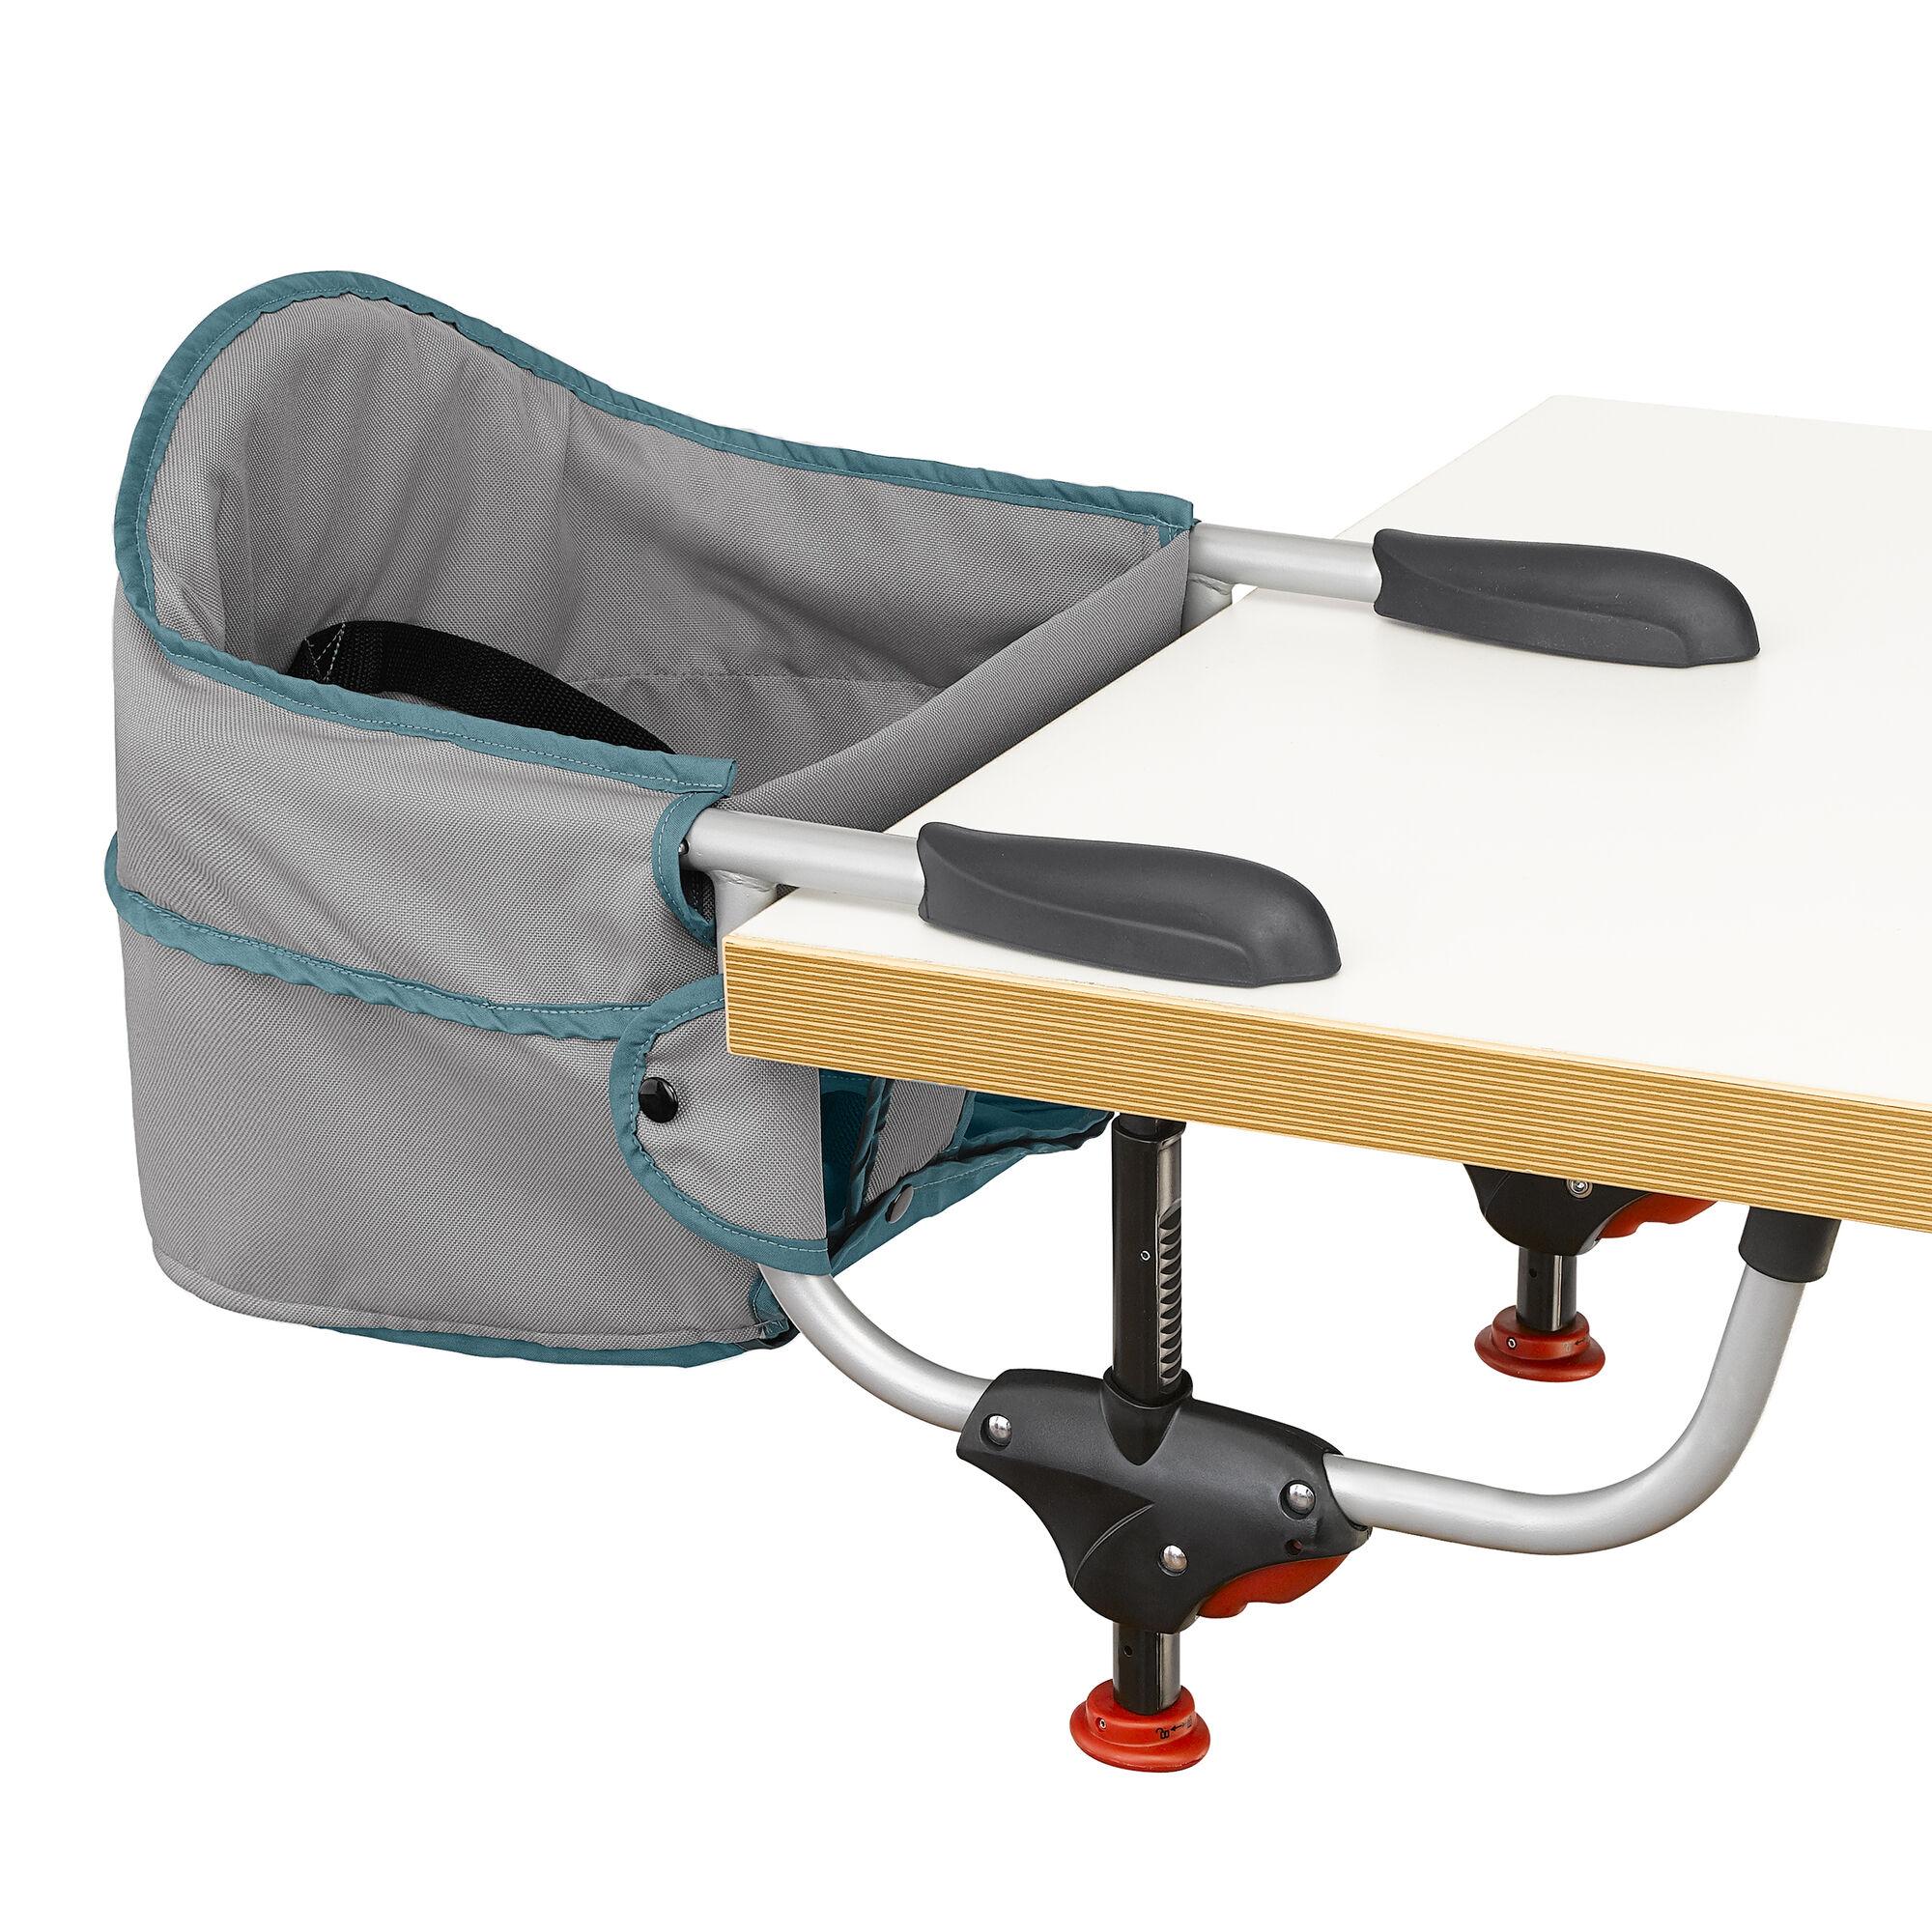 caddy hook on chair vapor